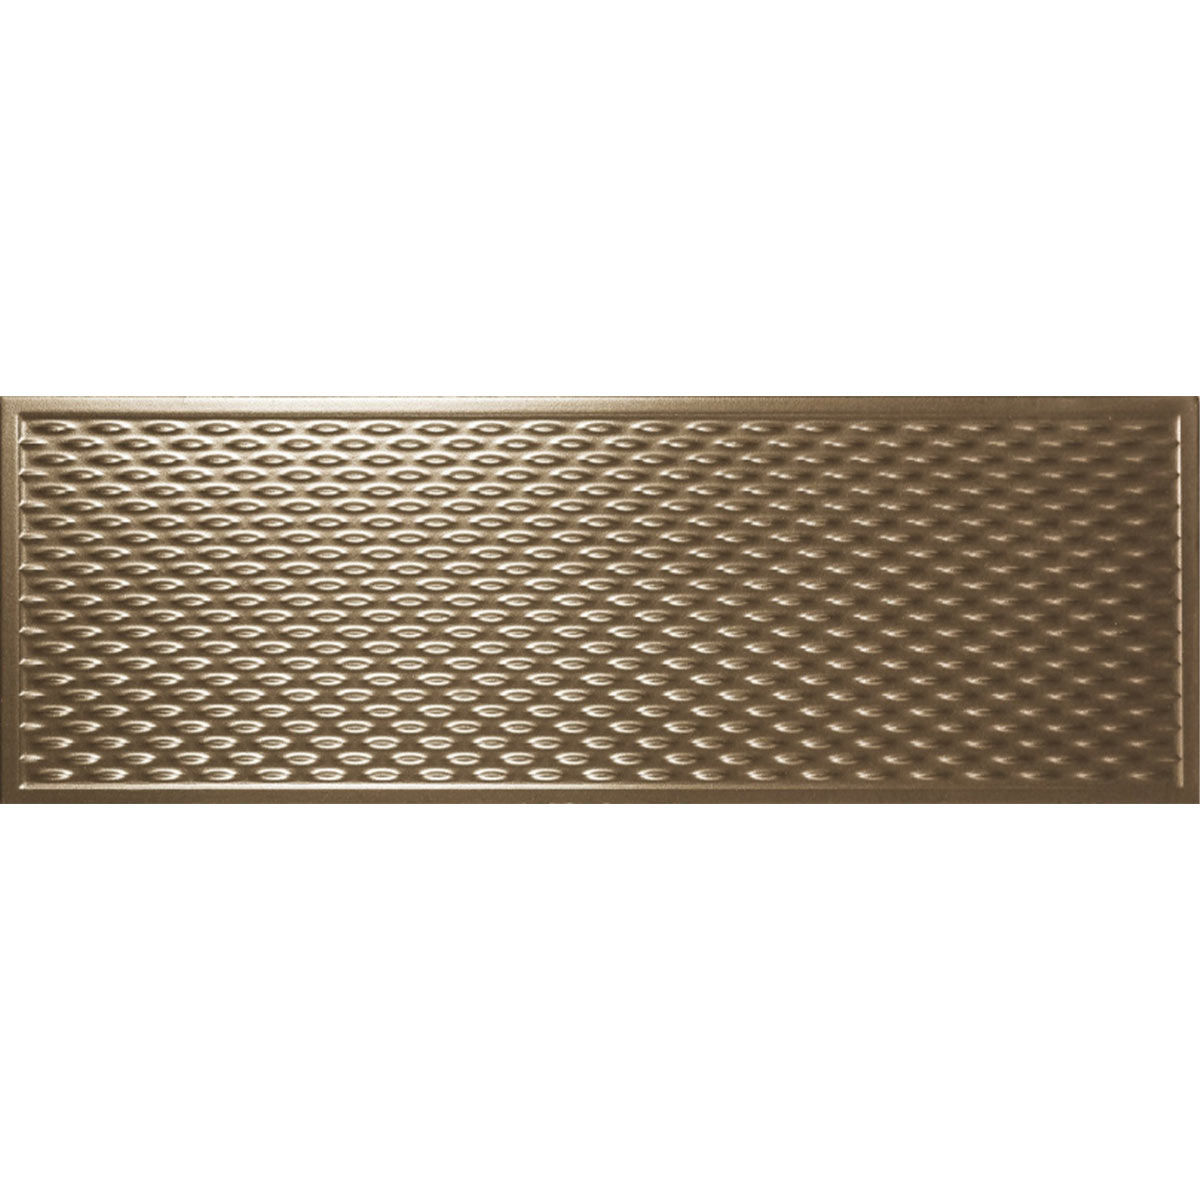 D00266 CAPE CLINKER BRONZE